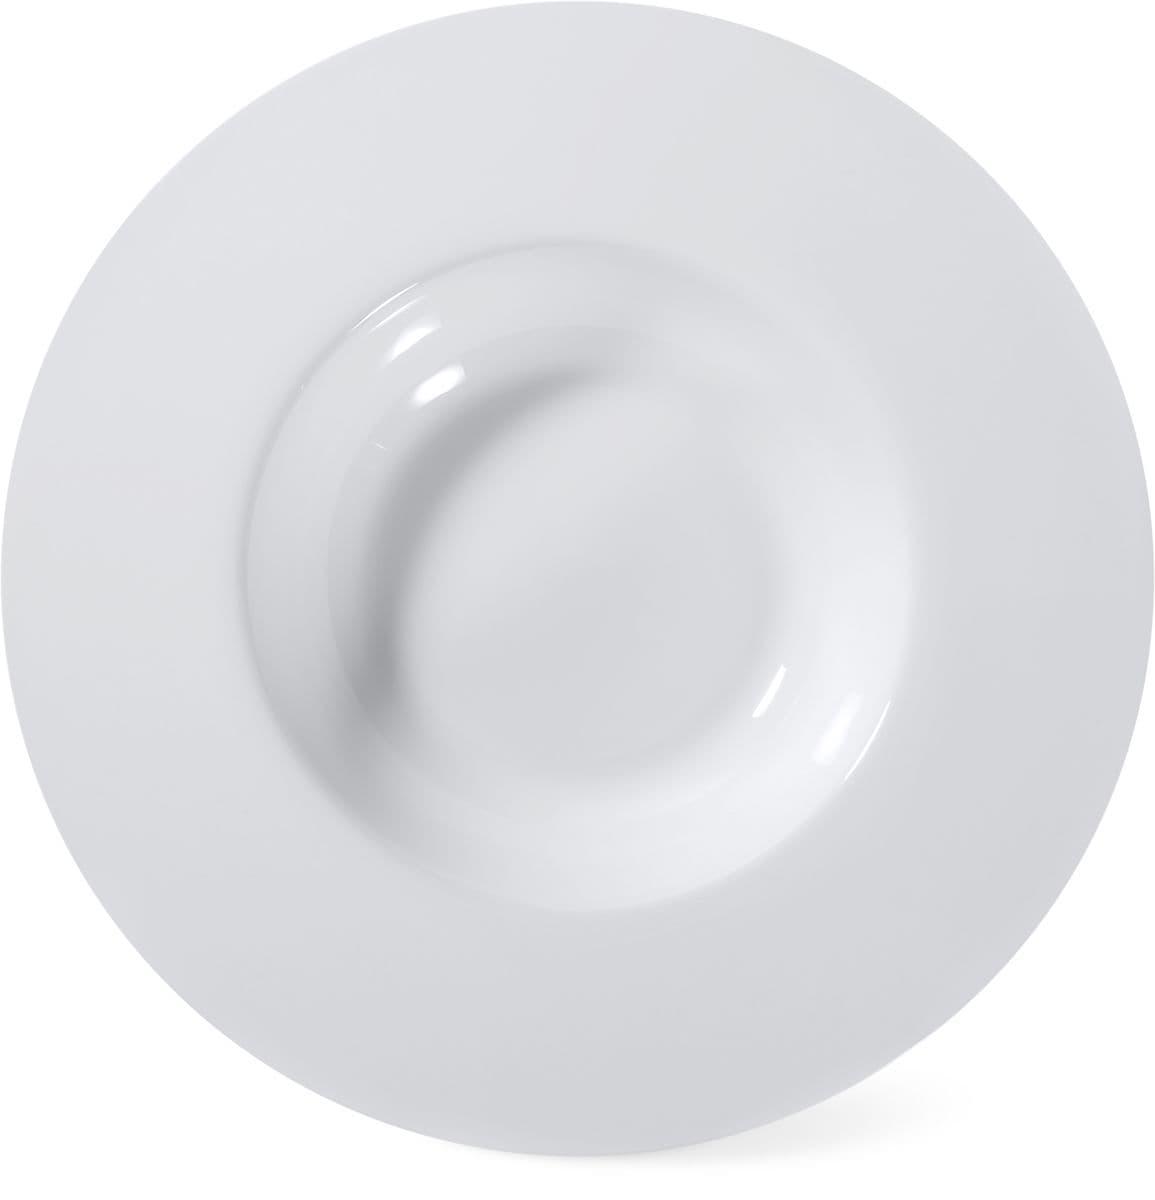 Cucina & Tavola PRIME Assiette à pates